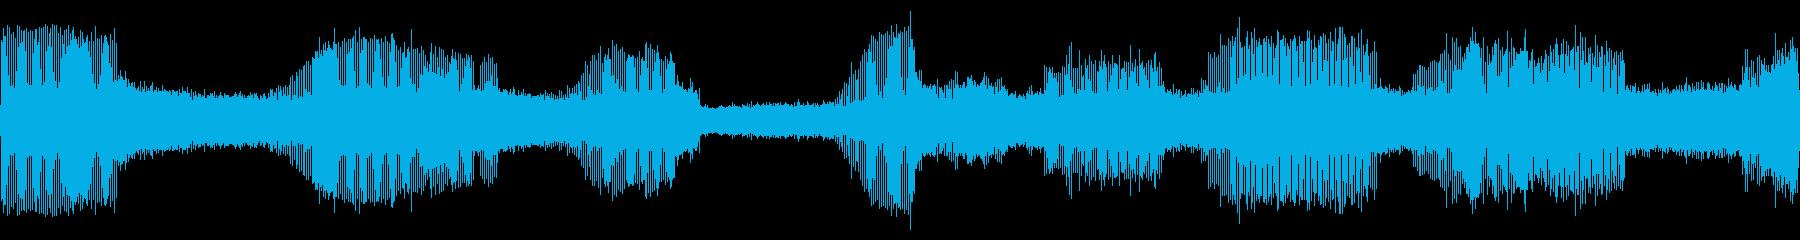 クマゼミの鳴き声(関東以南に多いセミ)の再生済みの波形